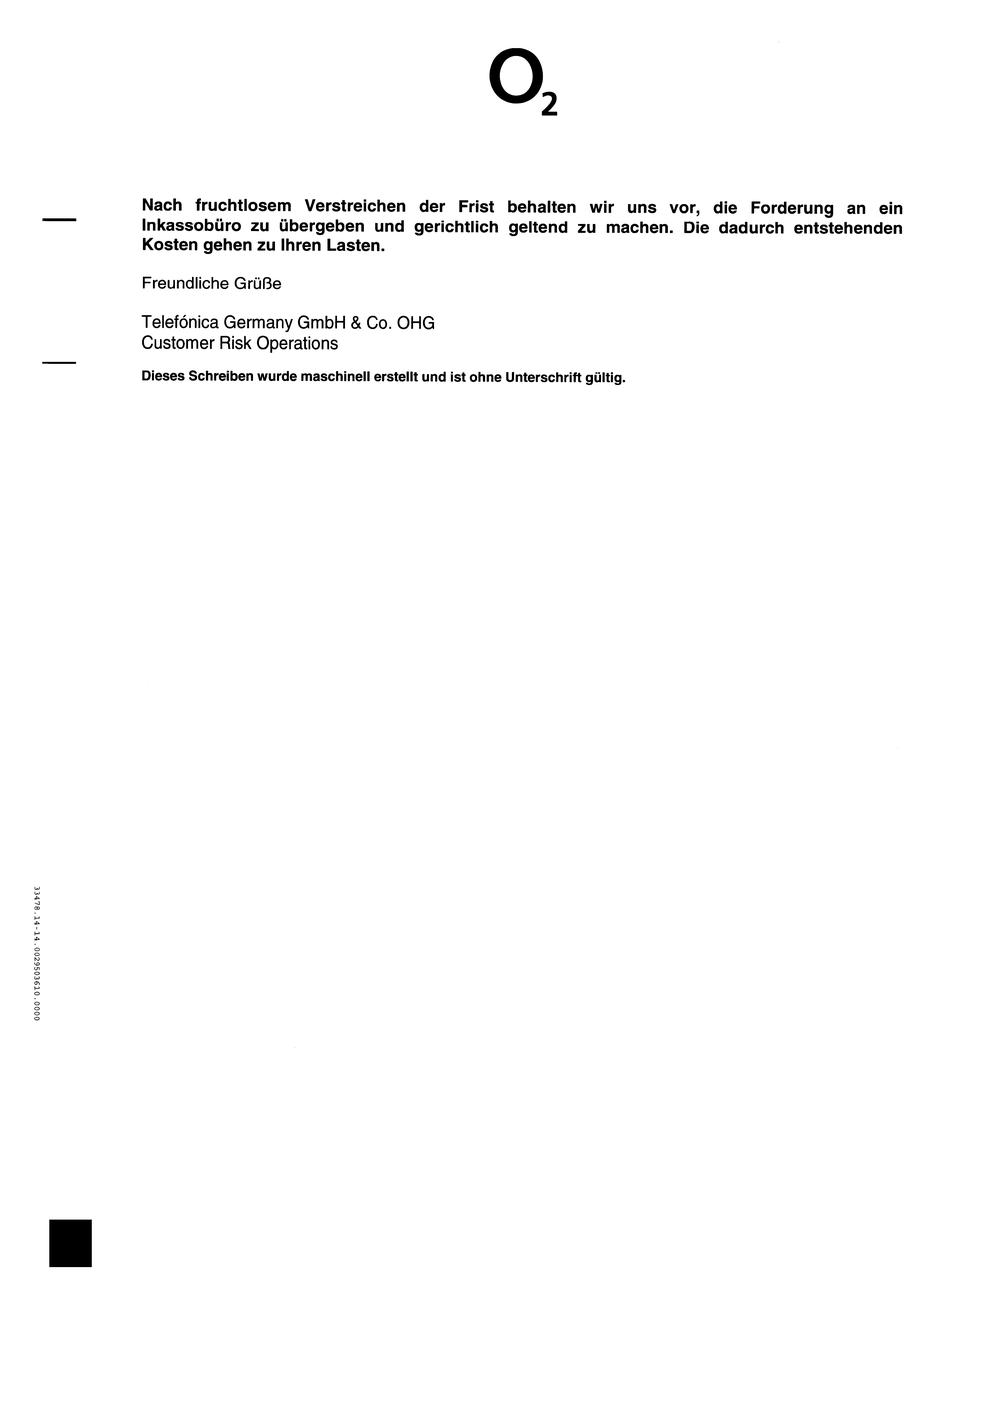 Antwortschreiben an die Telefonica Germany GmbH & Co. OHG ...